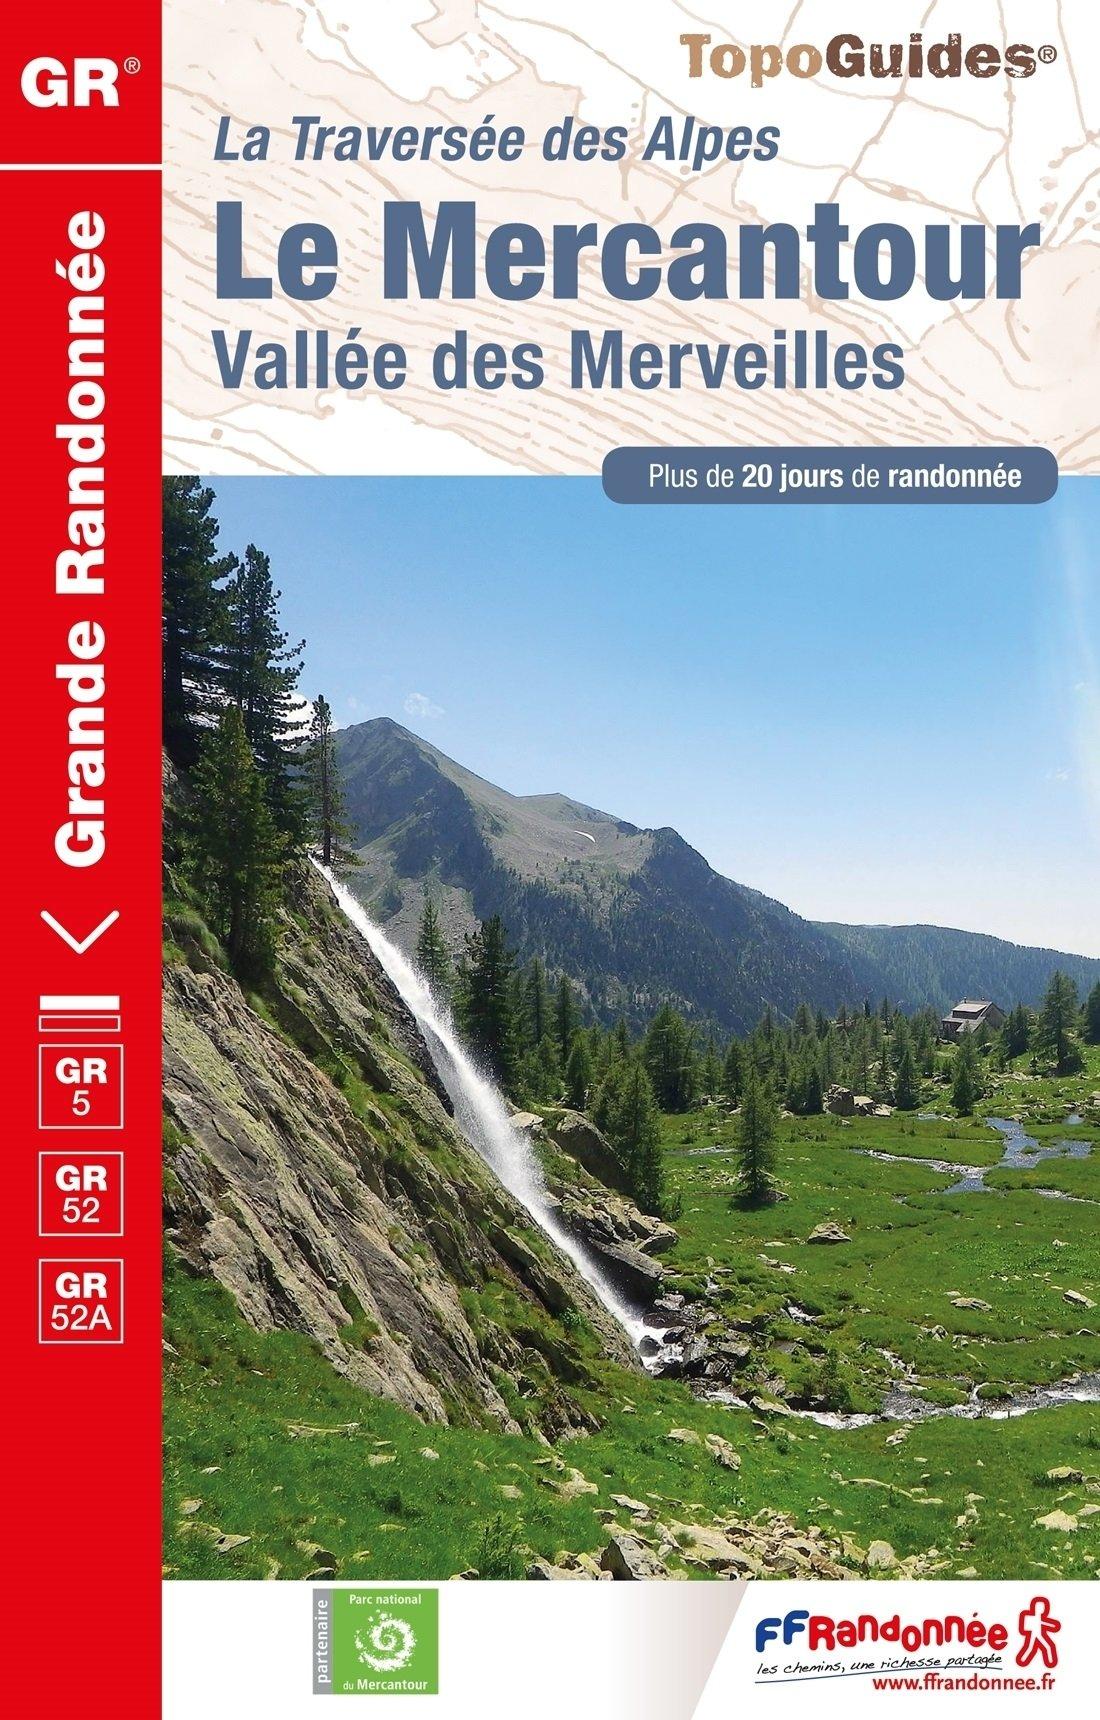 GR-5 | TG507 Traversée du Mercantour 9782751408922  FFRP Topoguides  Wandelgidsen, Meerdaagse wandelroutes tussen Valence, Briançon, Camargue en Nice